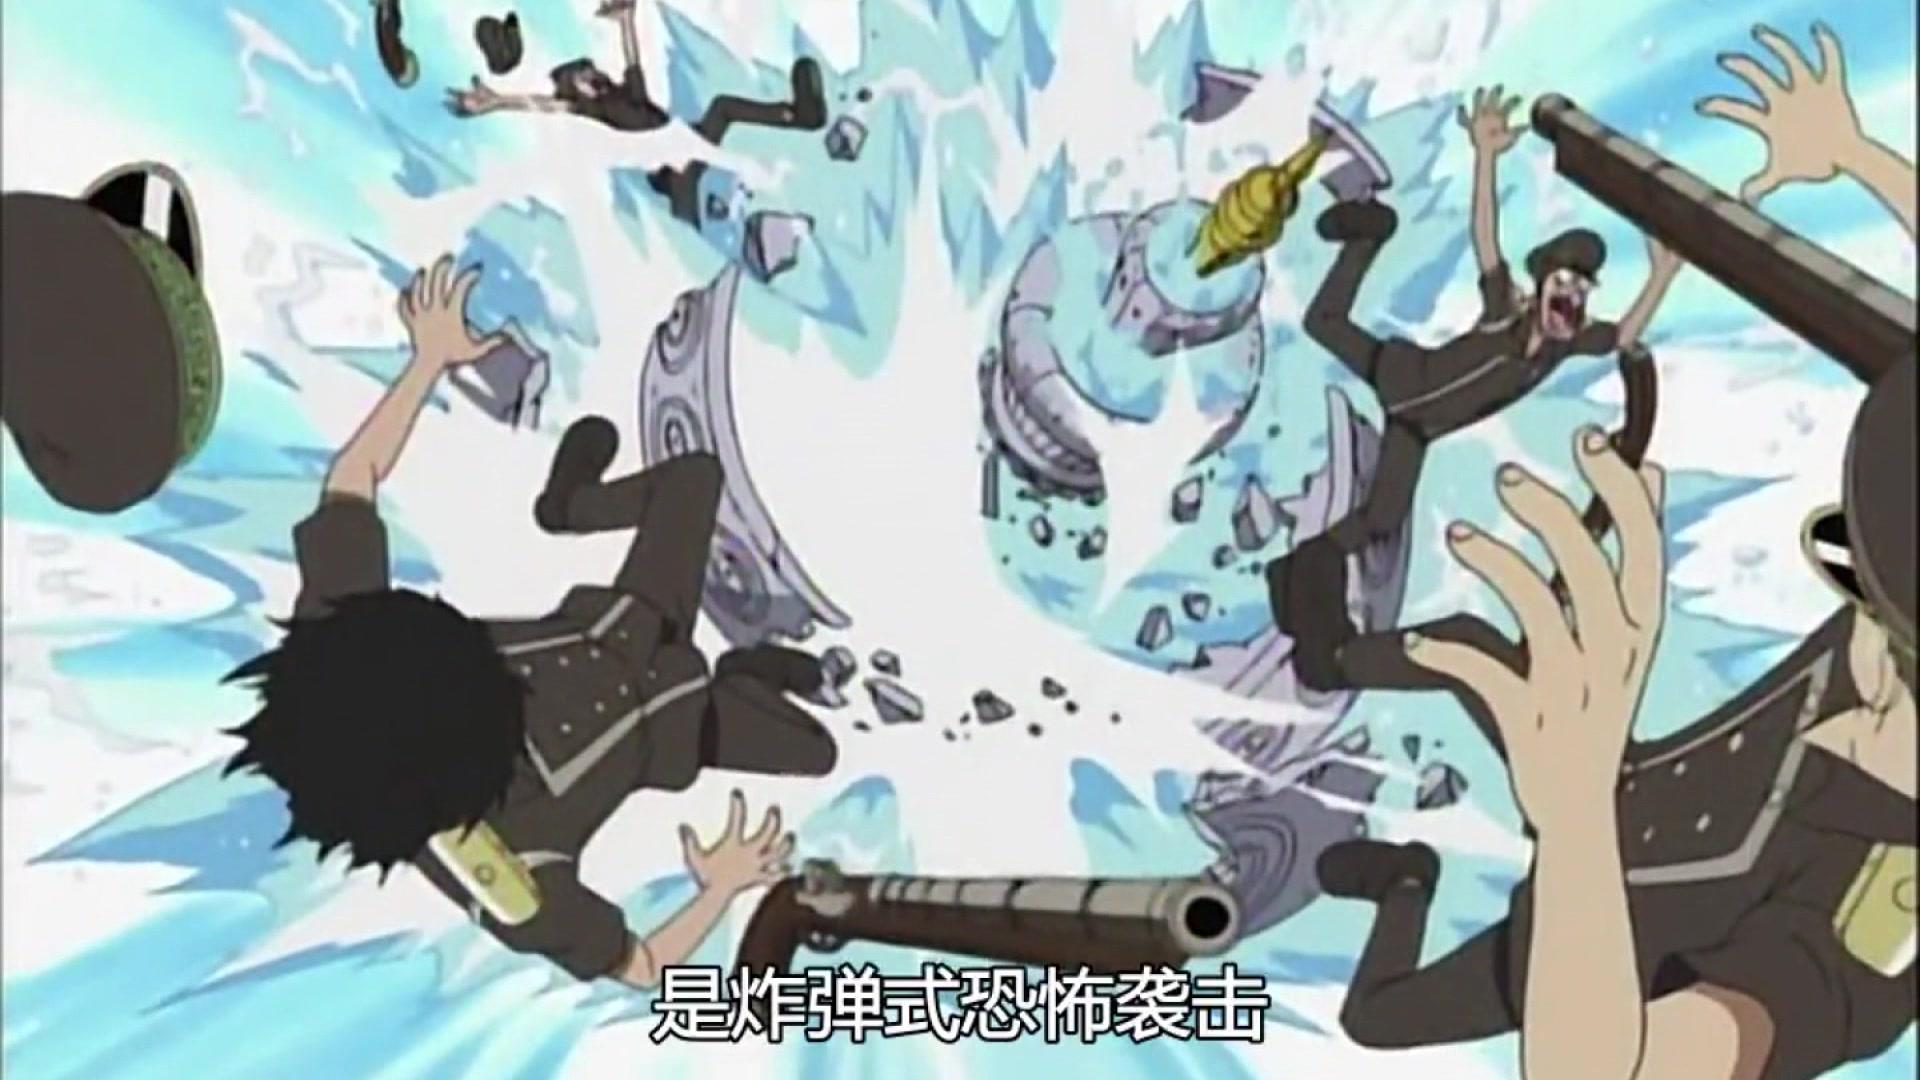 《草帽海贼团》——海贼王全集混剪 超燃动漫群像剪辑 路飞的航海士精神